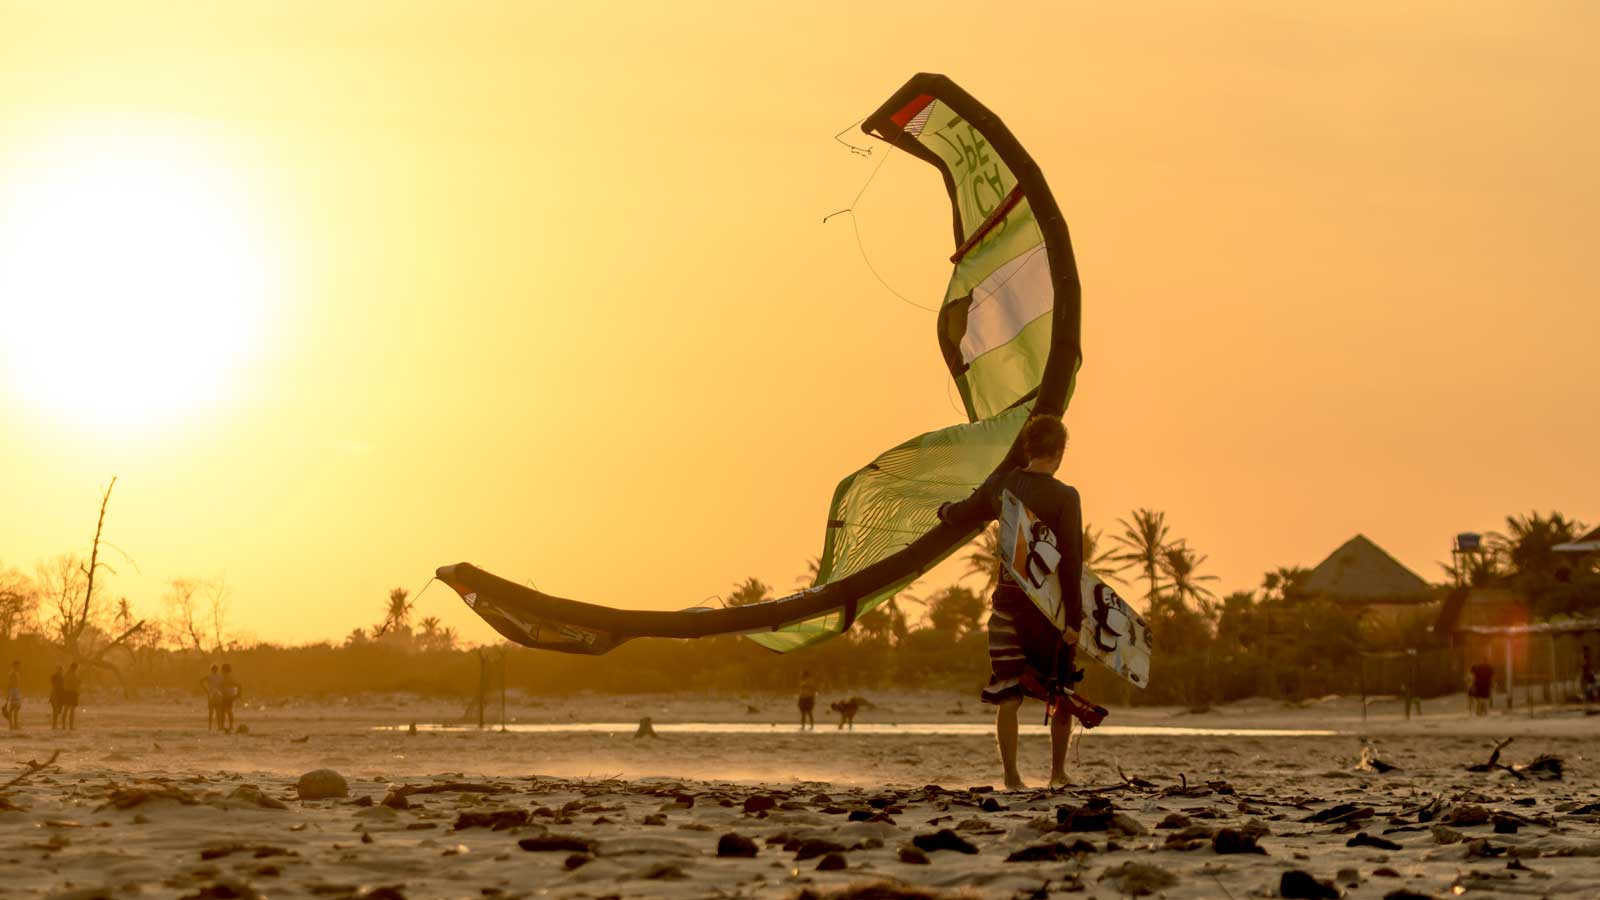 Woodboard Kitesurfing Niki avec la Trash sur la plage durant le coucher de soleil